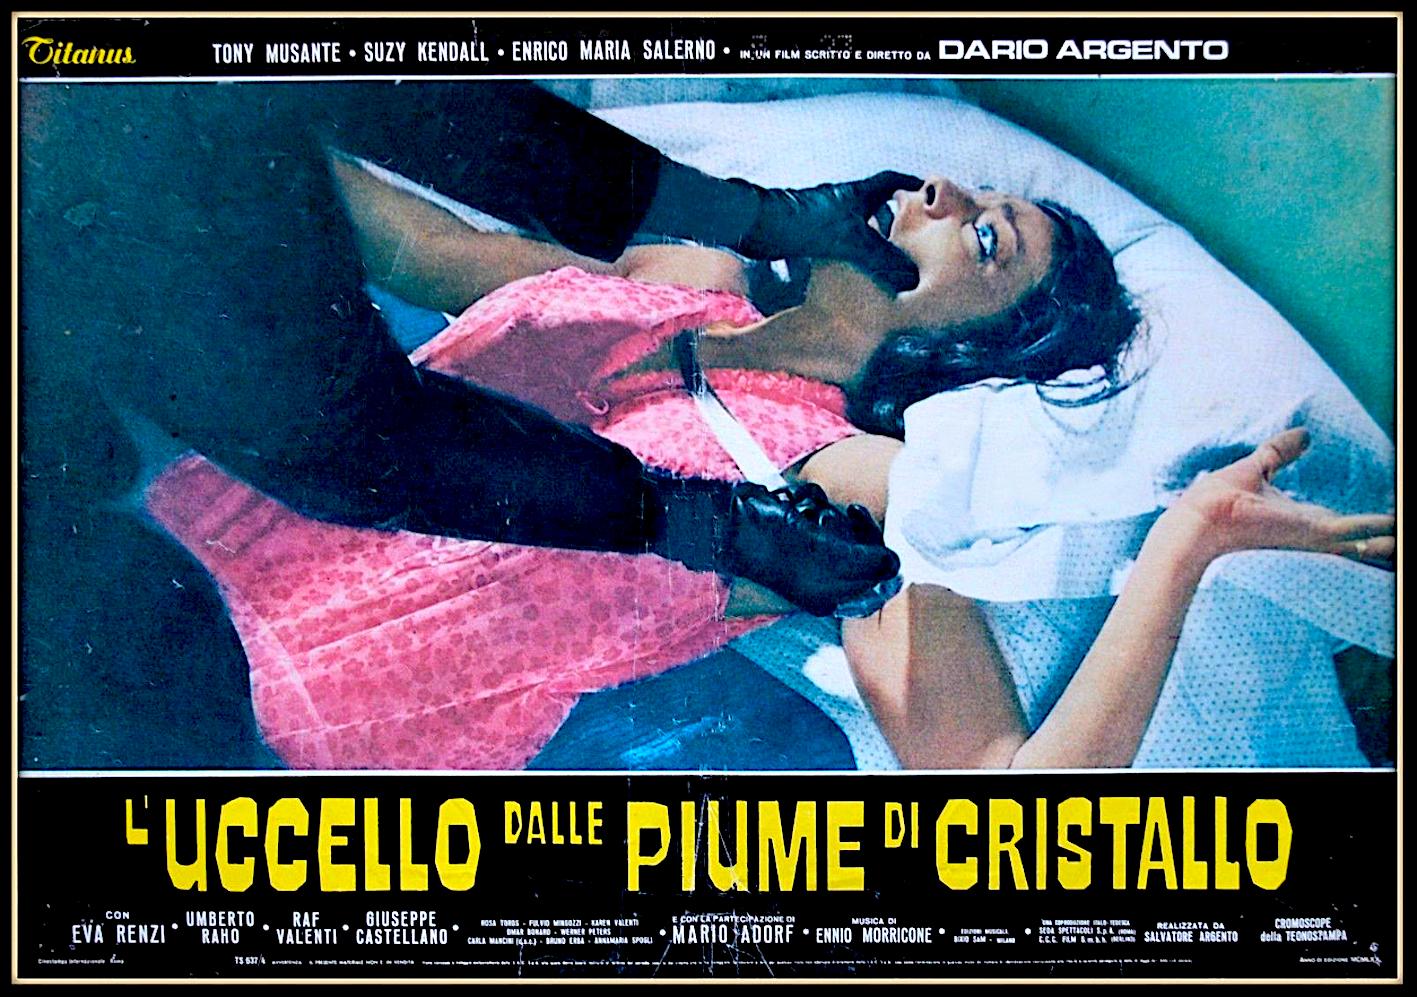 uccello_dalle_piume_di_cristallo_locandina